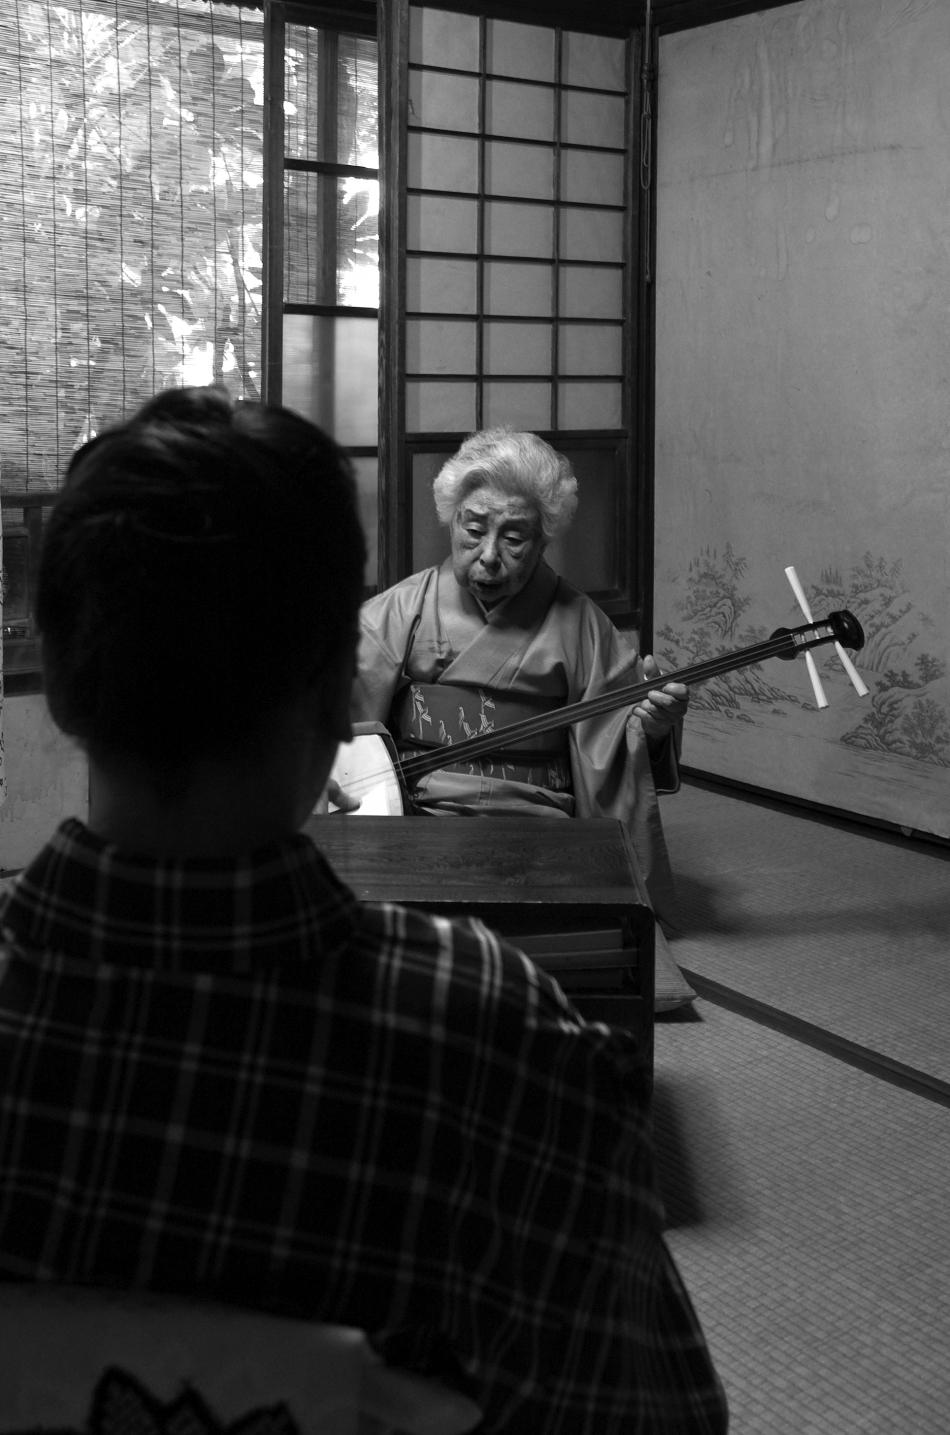 響泉さんと孫の和久さんの稽古の様子